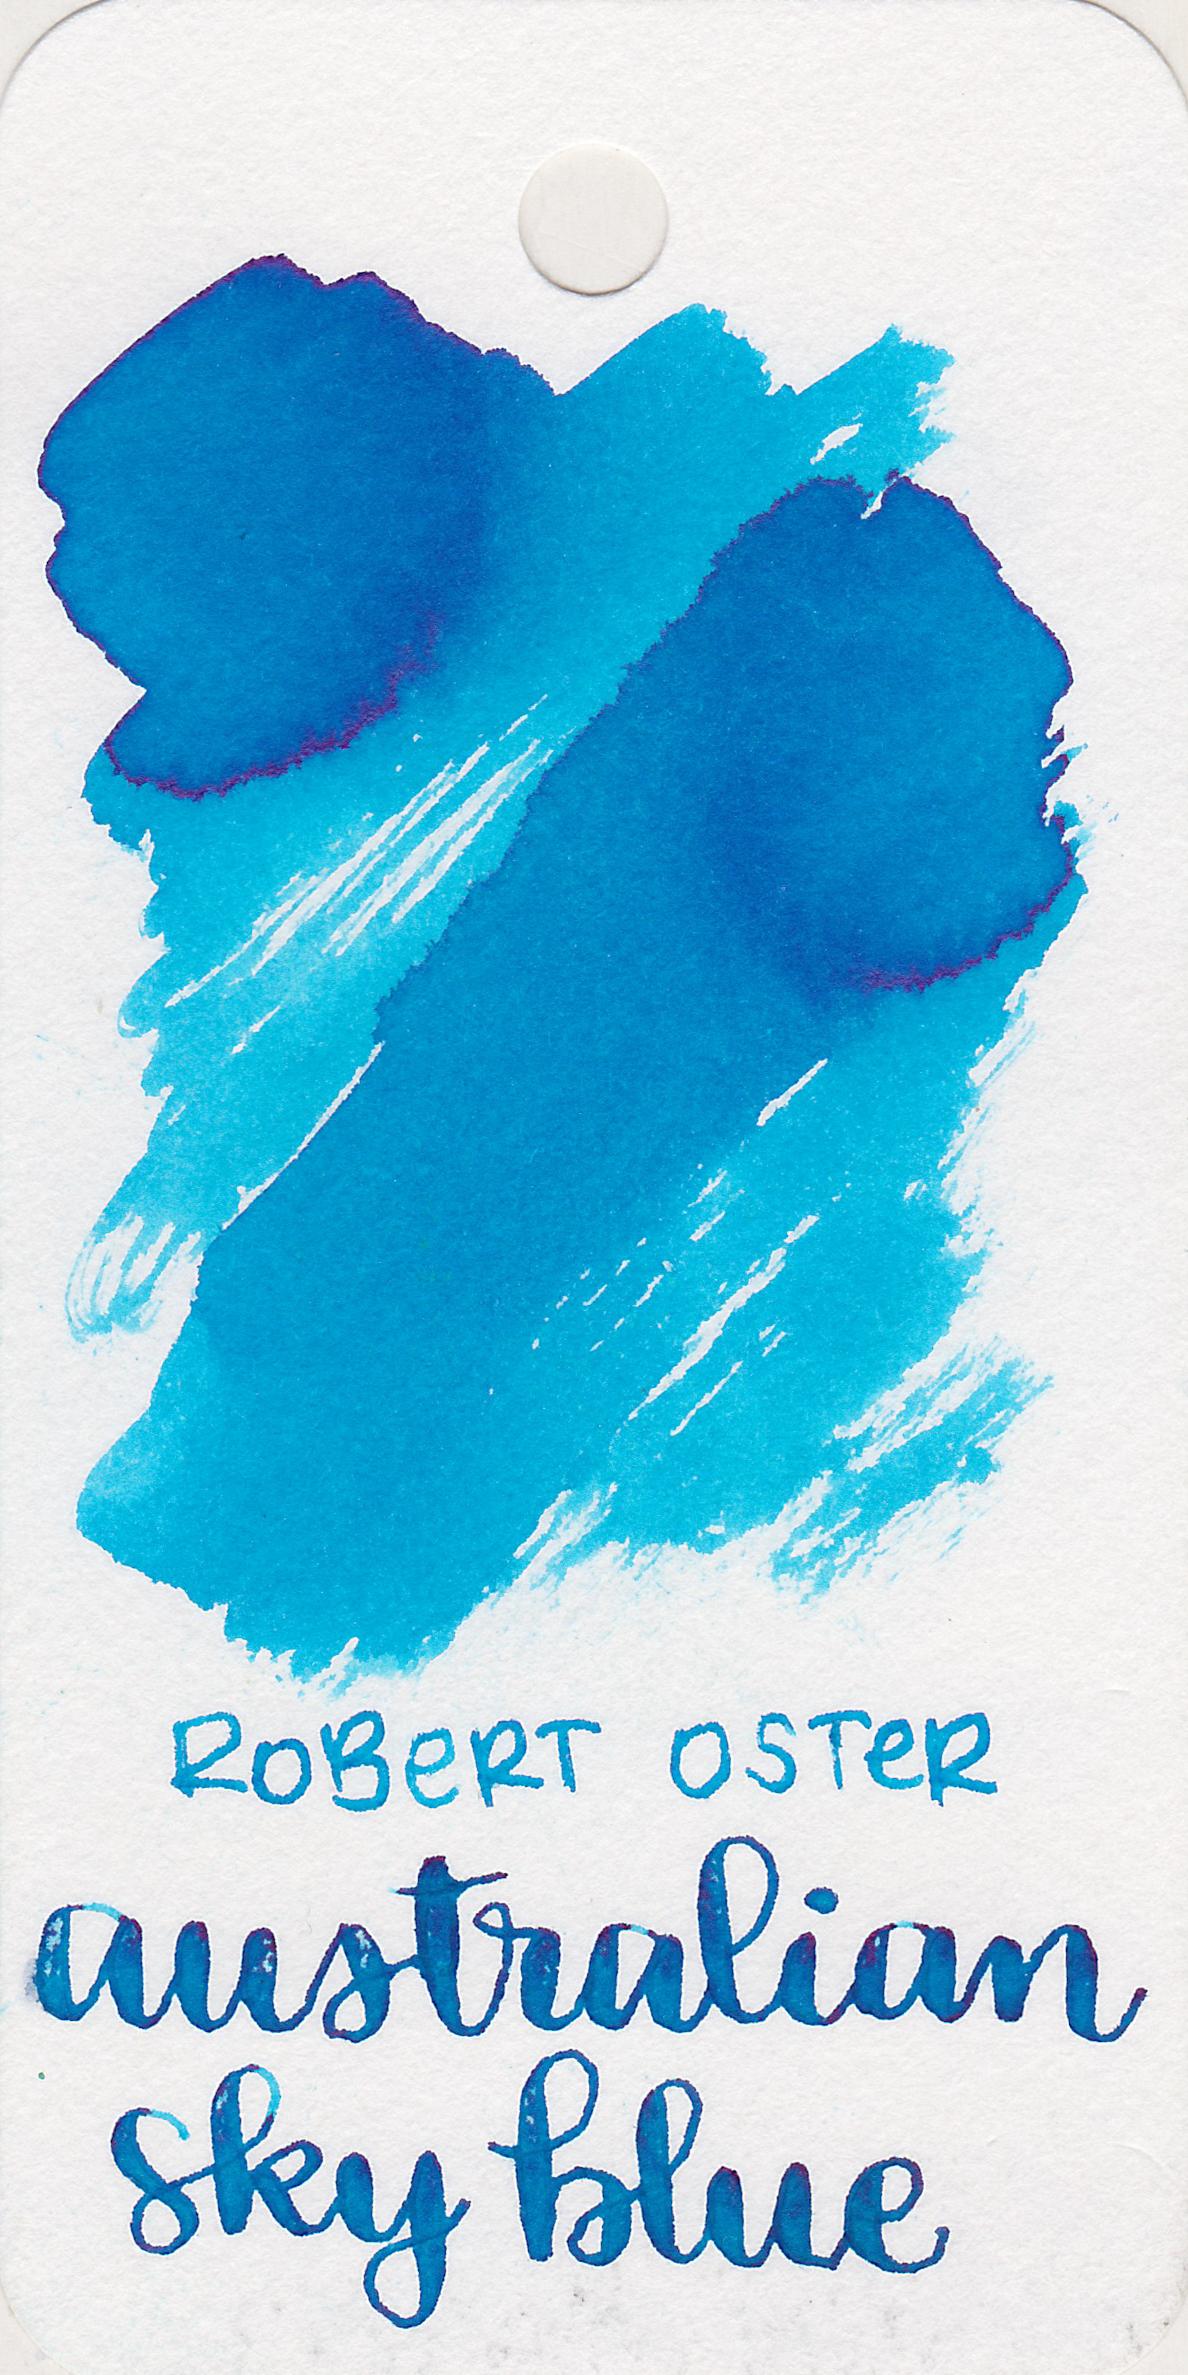 ro-australian-sky-blue-13.jpg